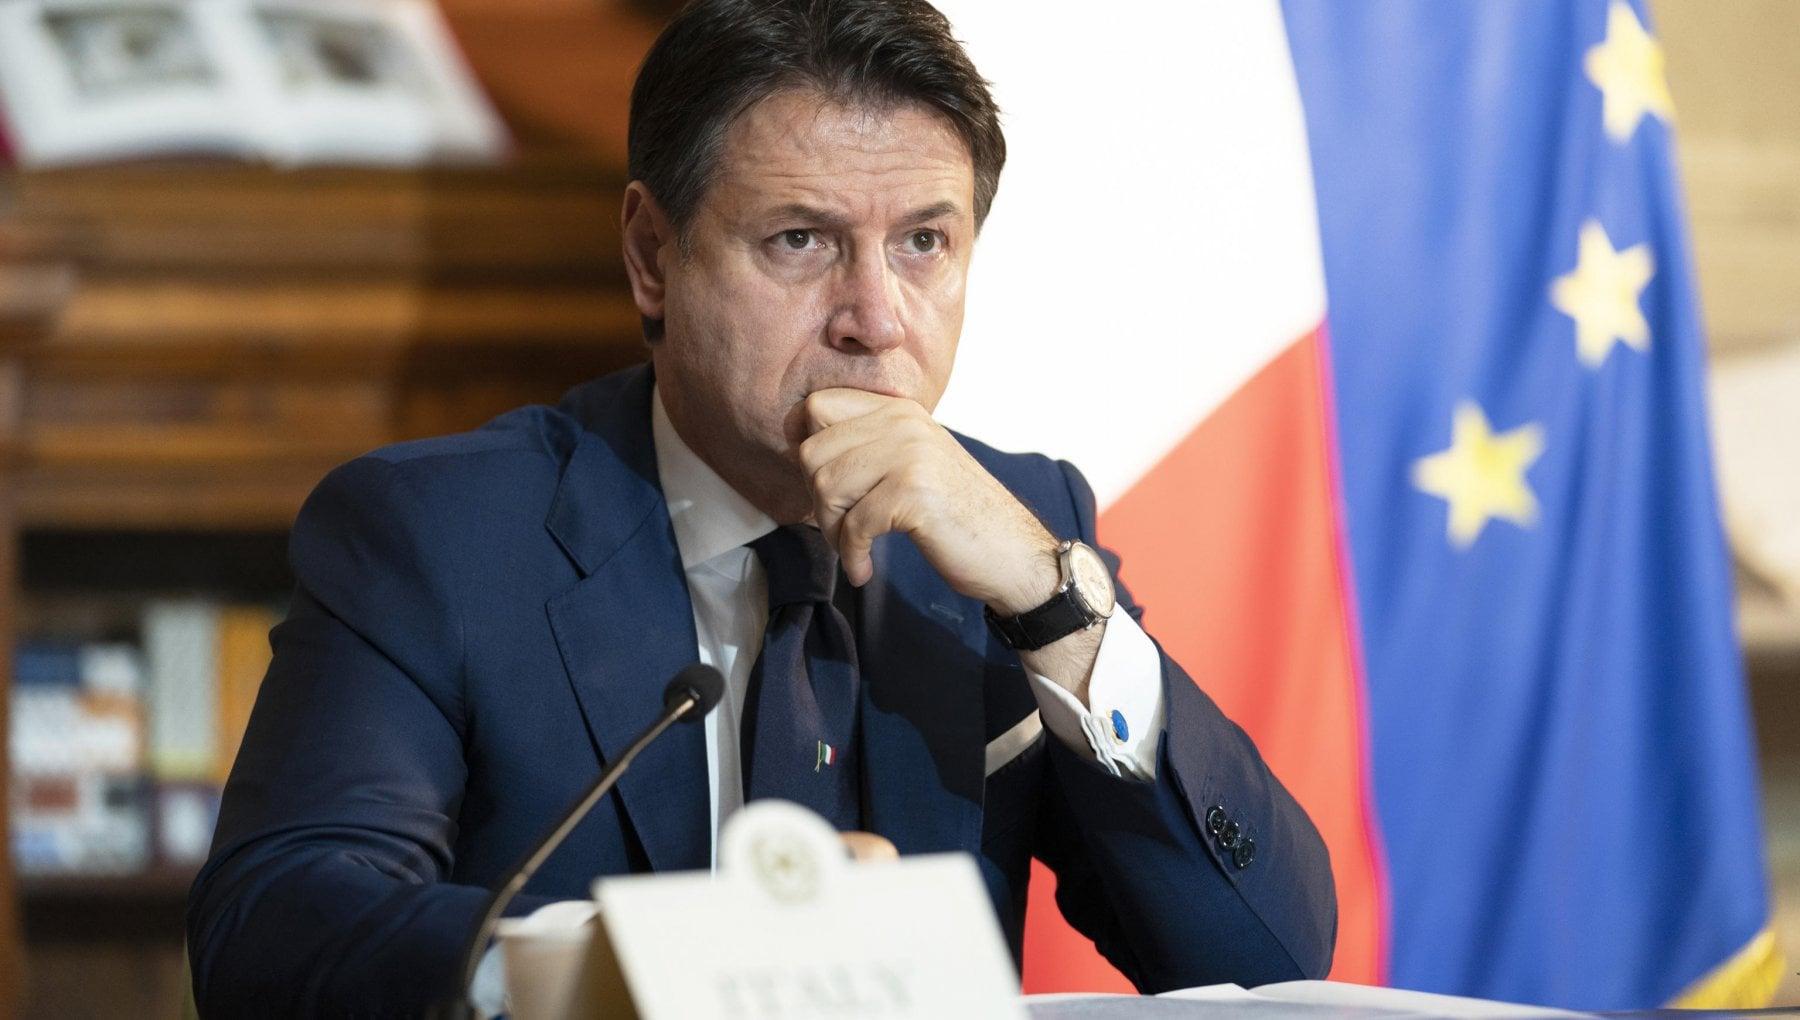 Crisi di governo dopo lo strappo di Renzi cosa succede adesso Dalla coalizione con i centristi alle elezioni ecco gli scenari possibili